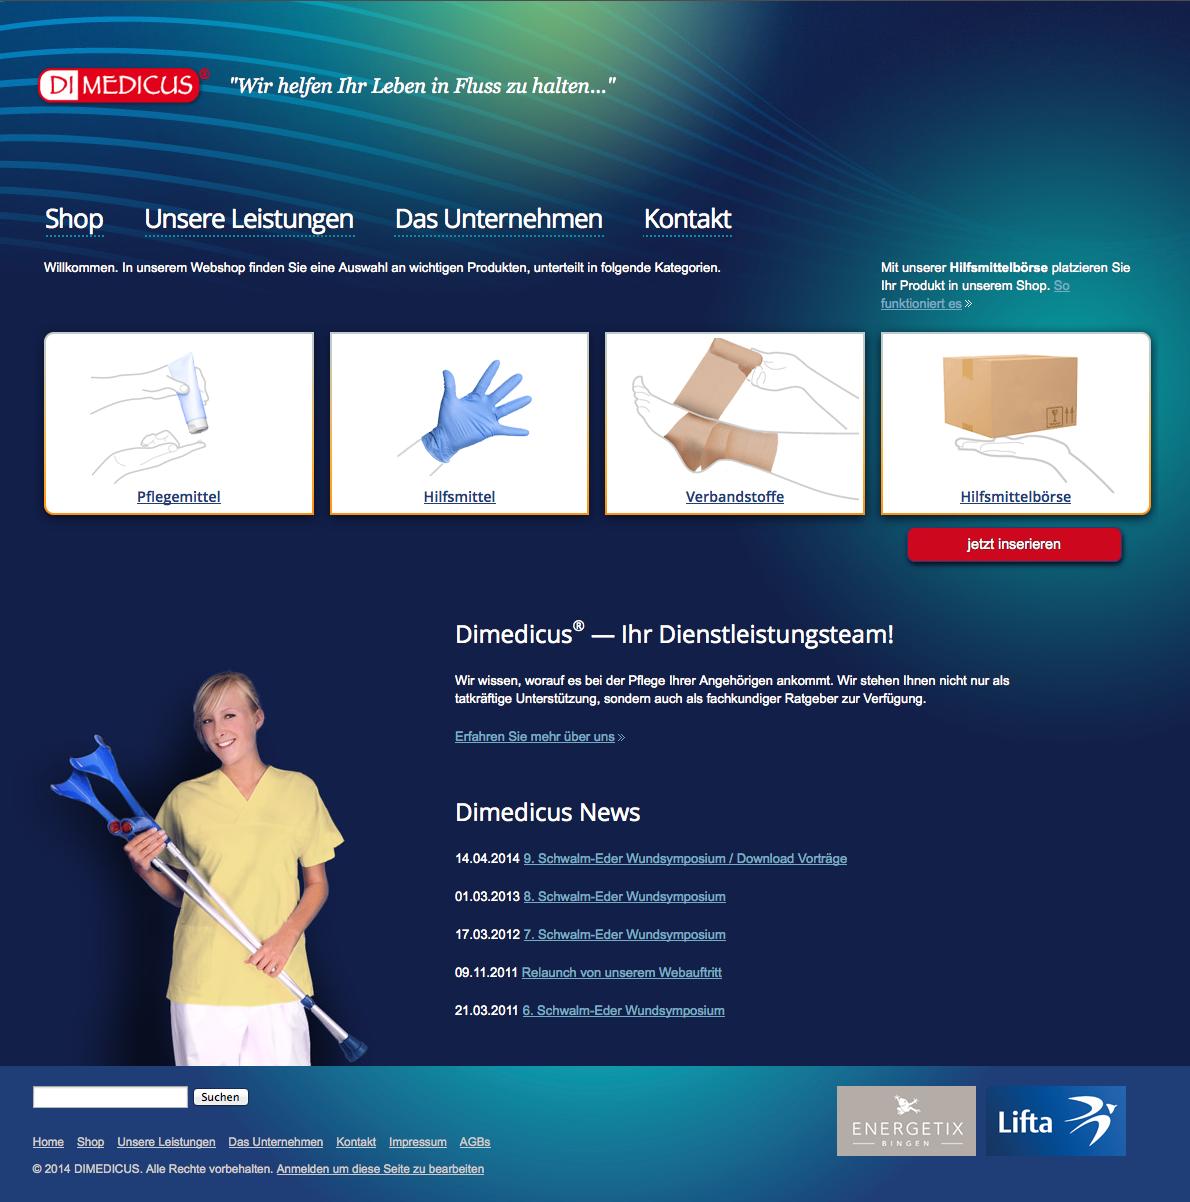 Onlineshop dimedicus24.de